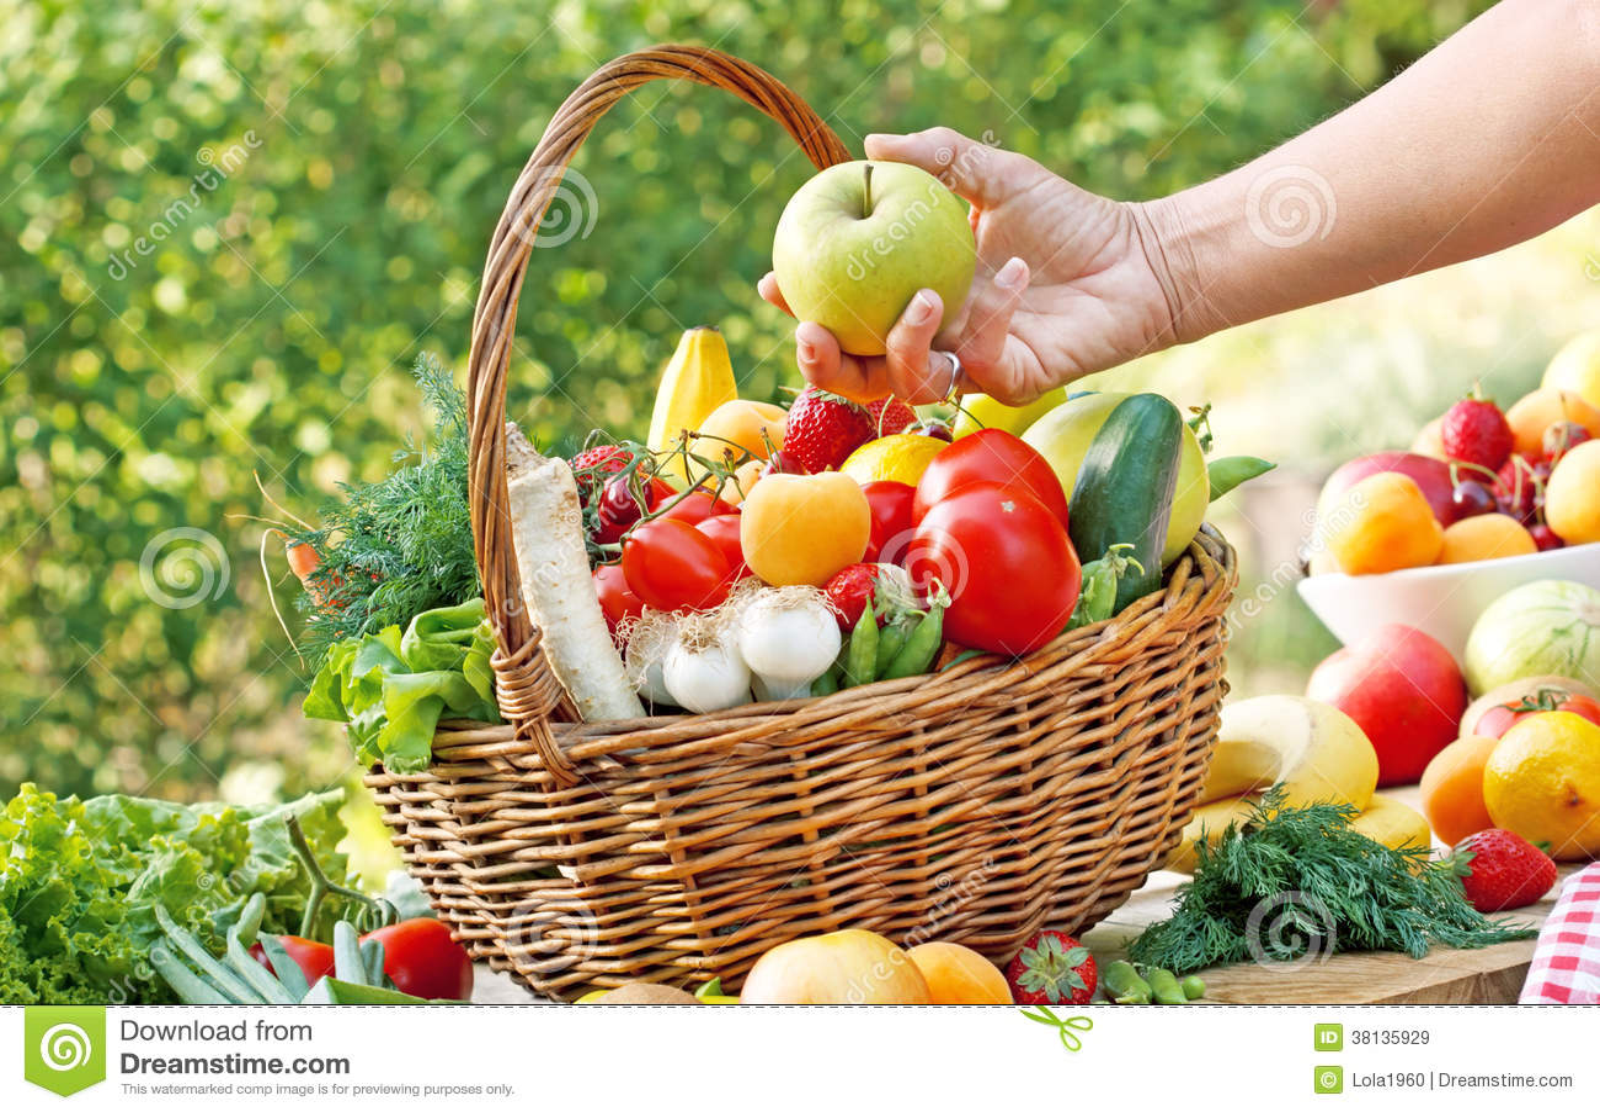 Choisissez les fruits et légumes frais et organiques droits